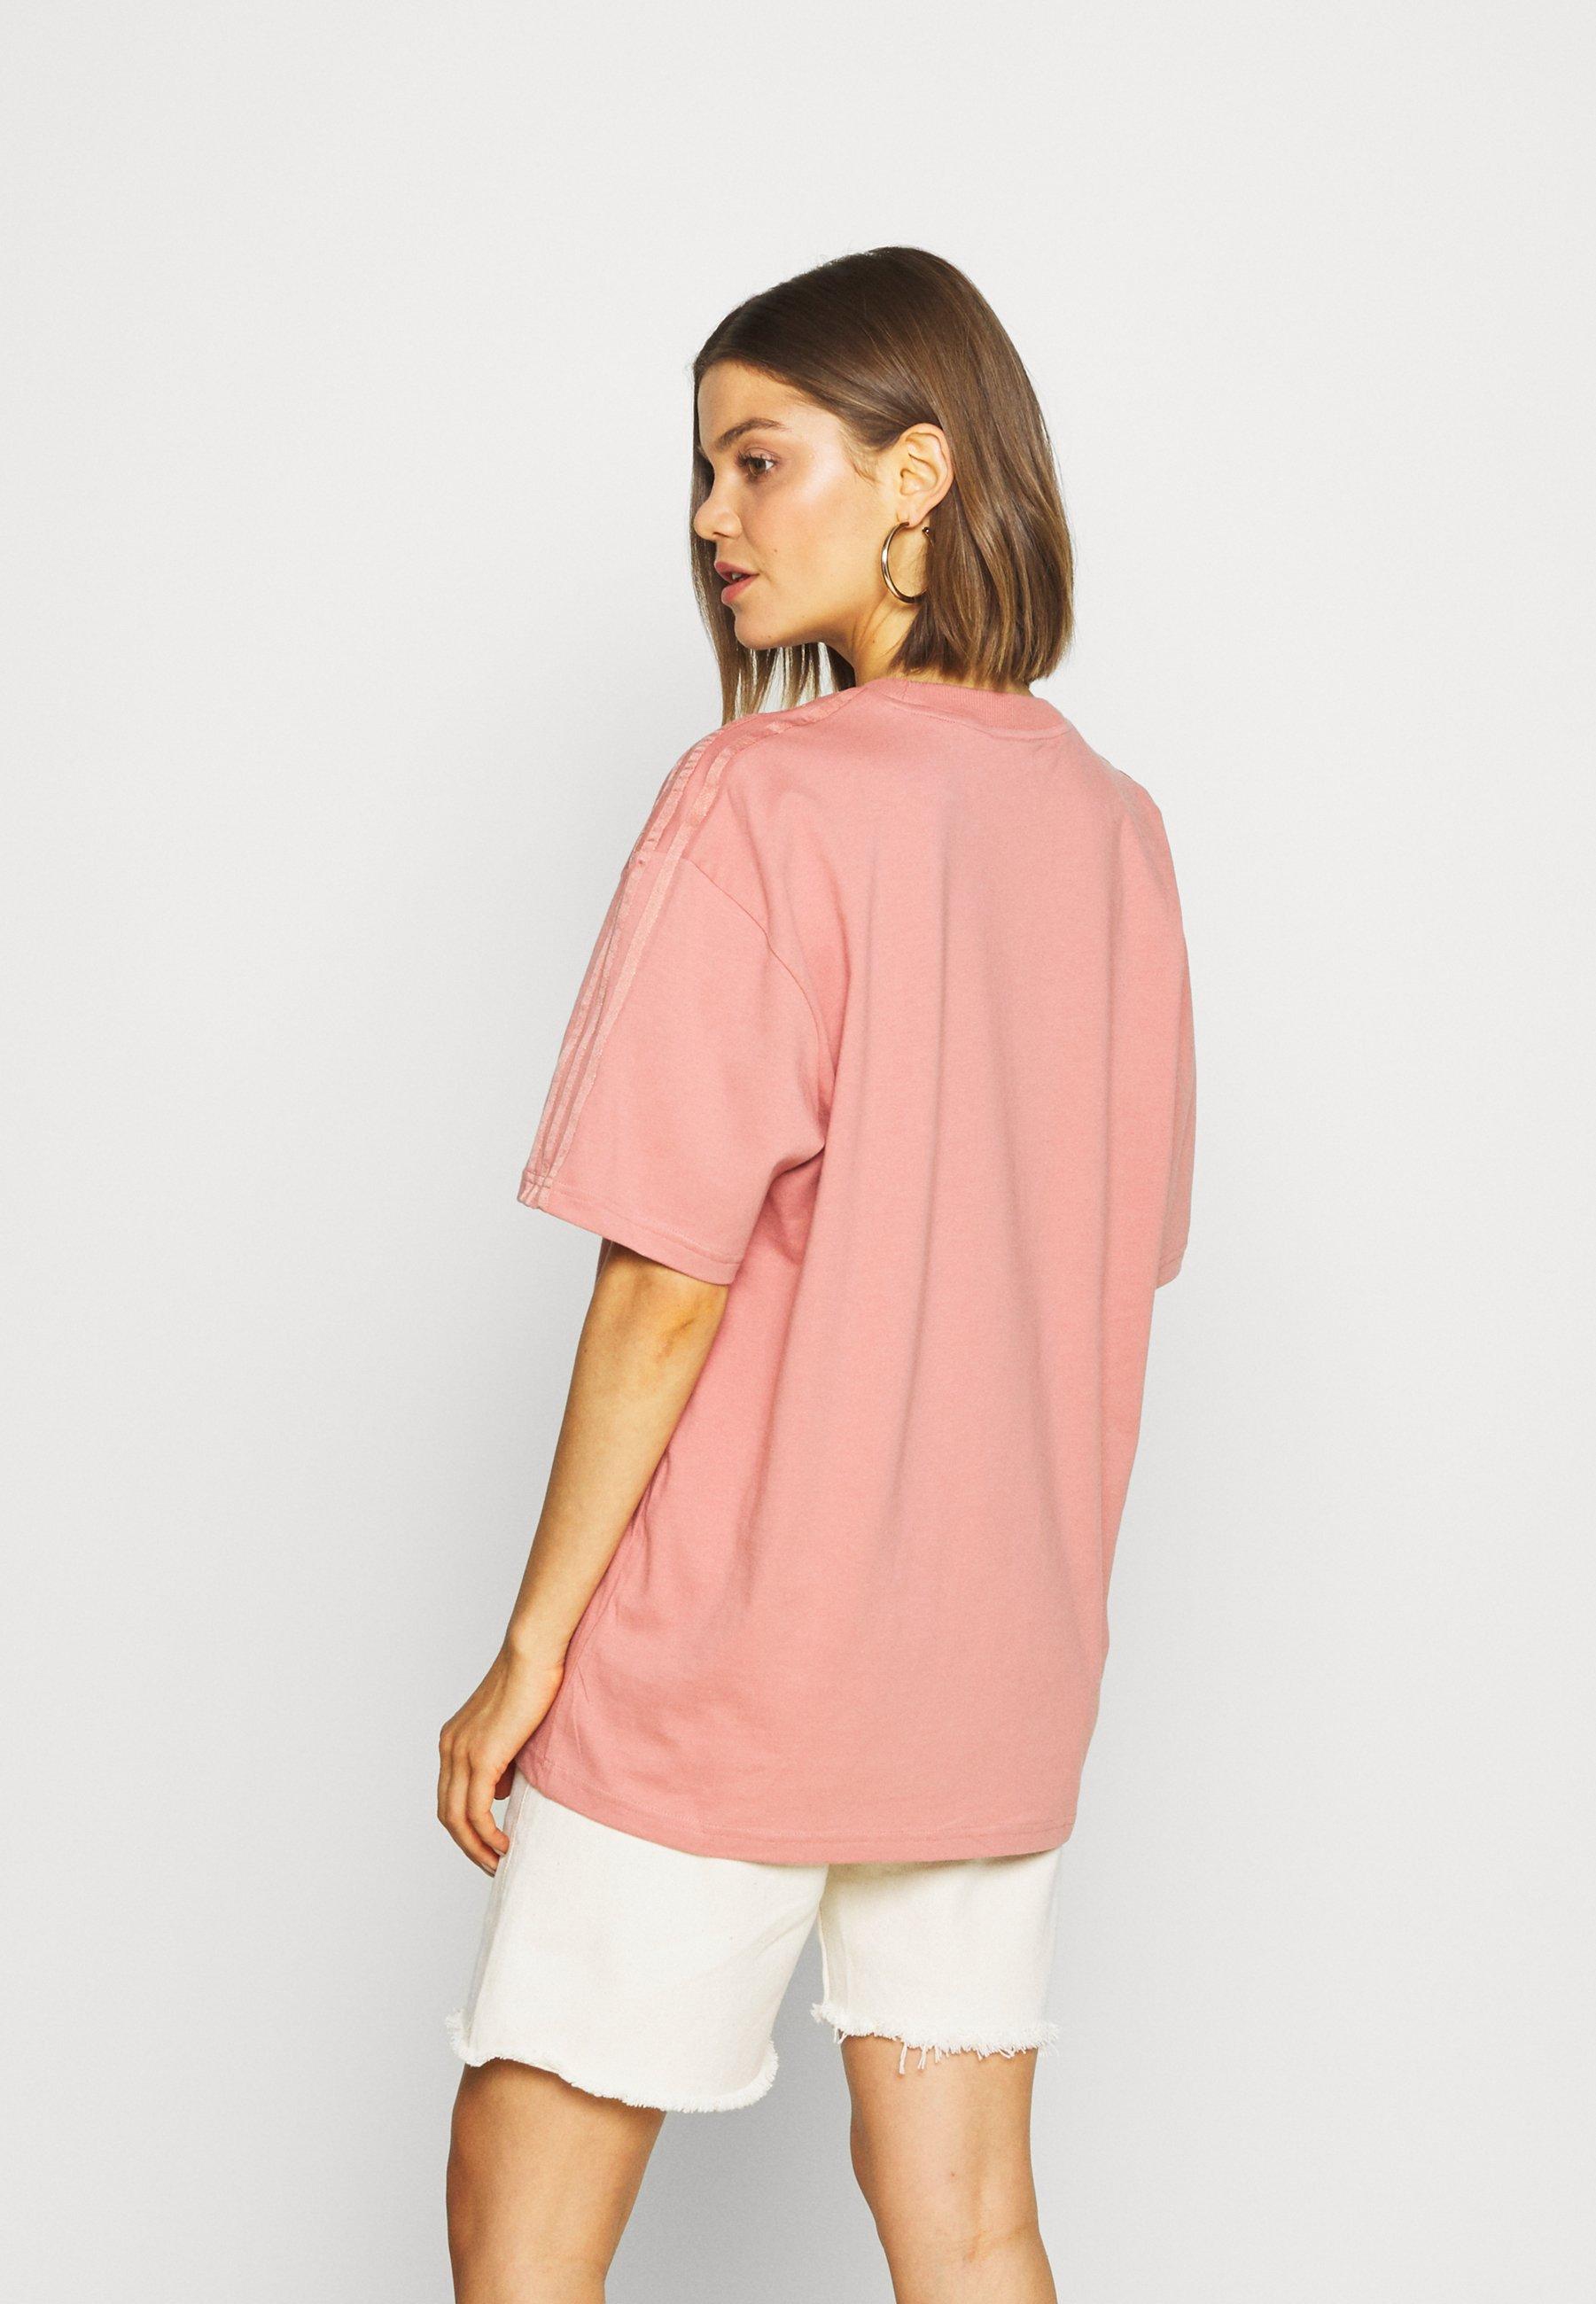 adidas jacke damen ash pink